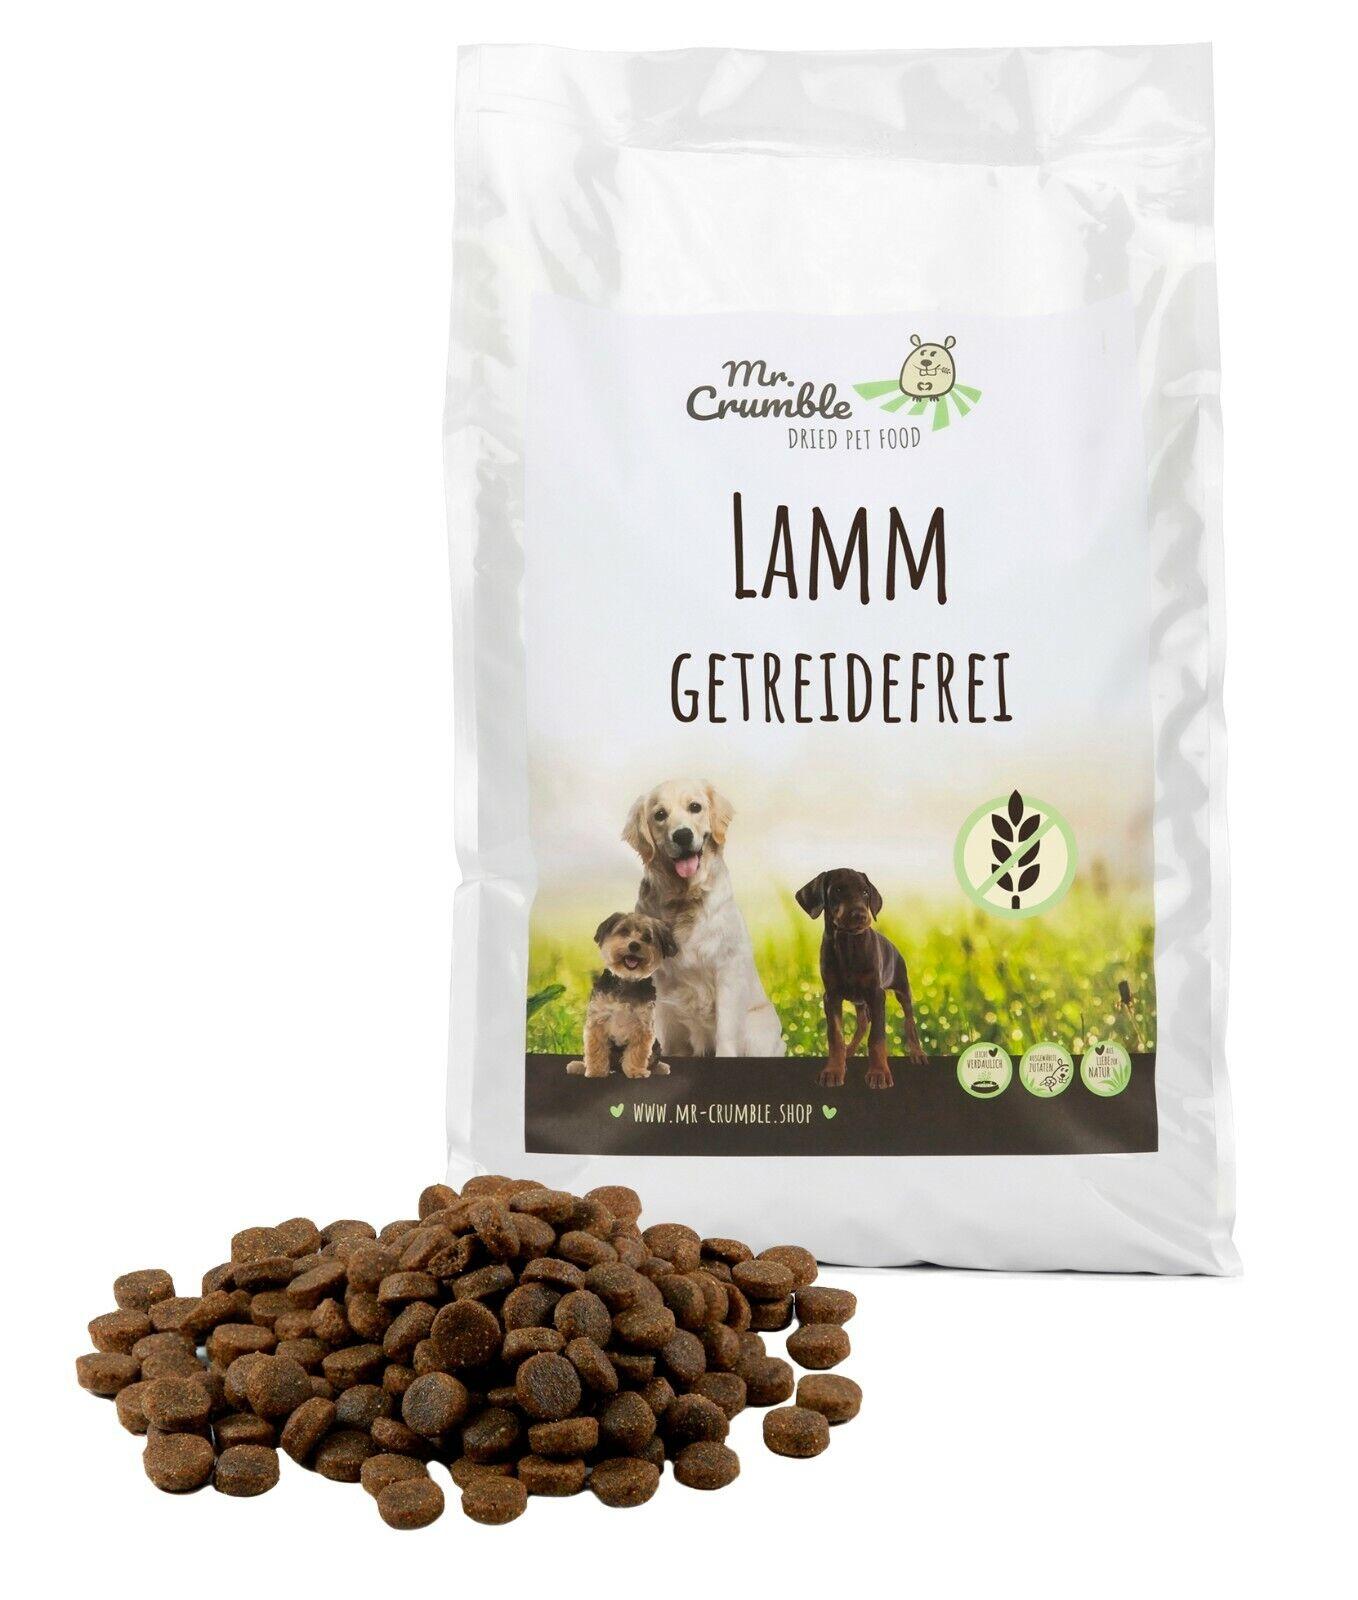 Hundefutter getreidefrei 15 kg mit Lamm Trockenfutter glutenfrei sensitiv